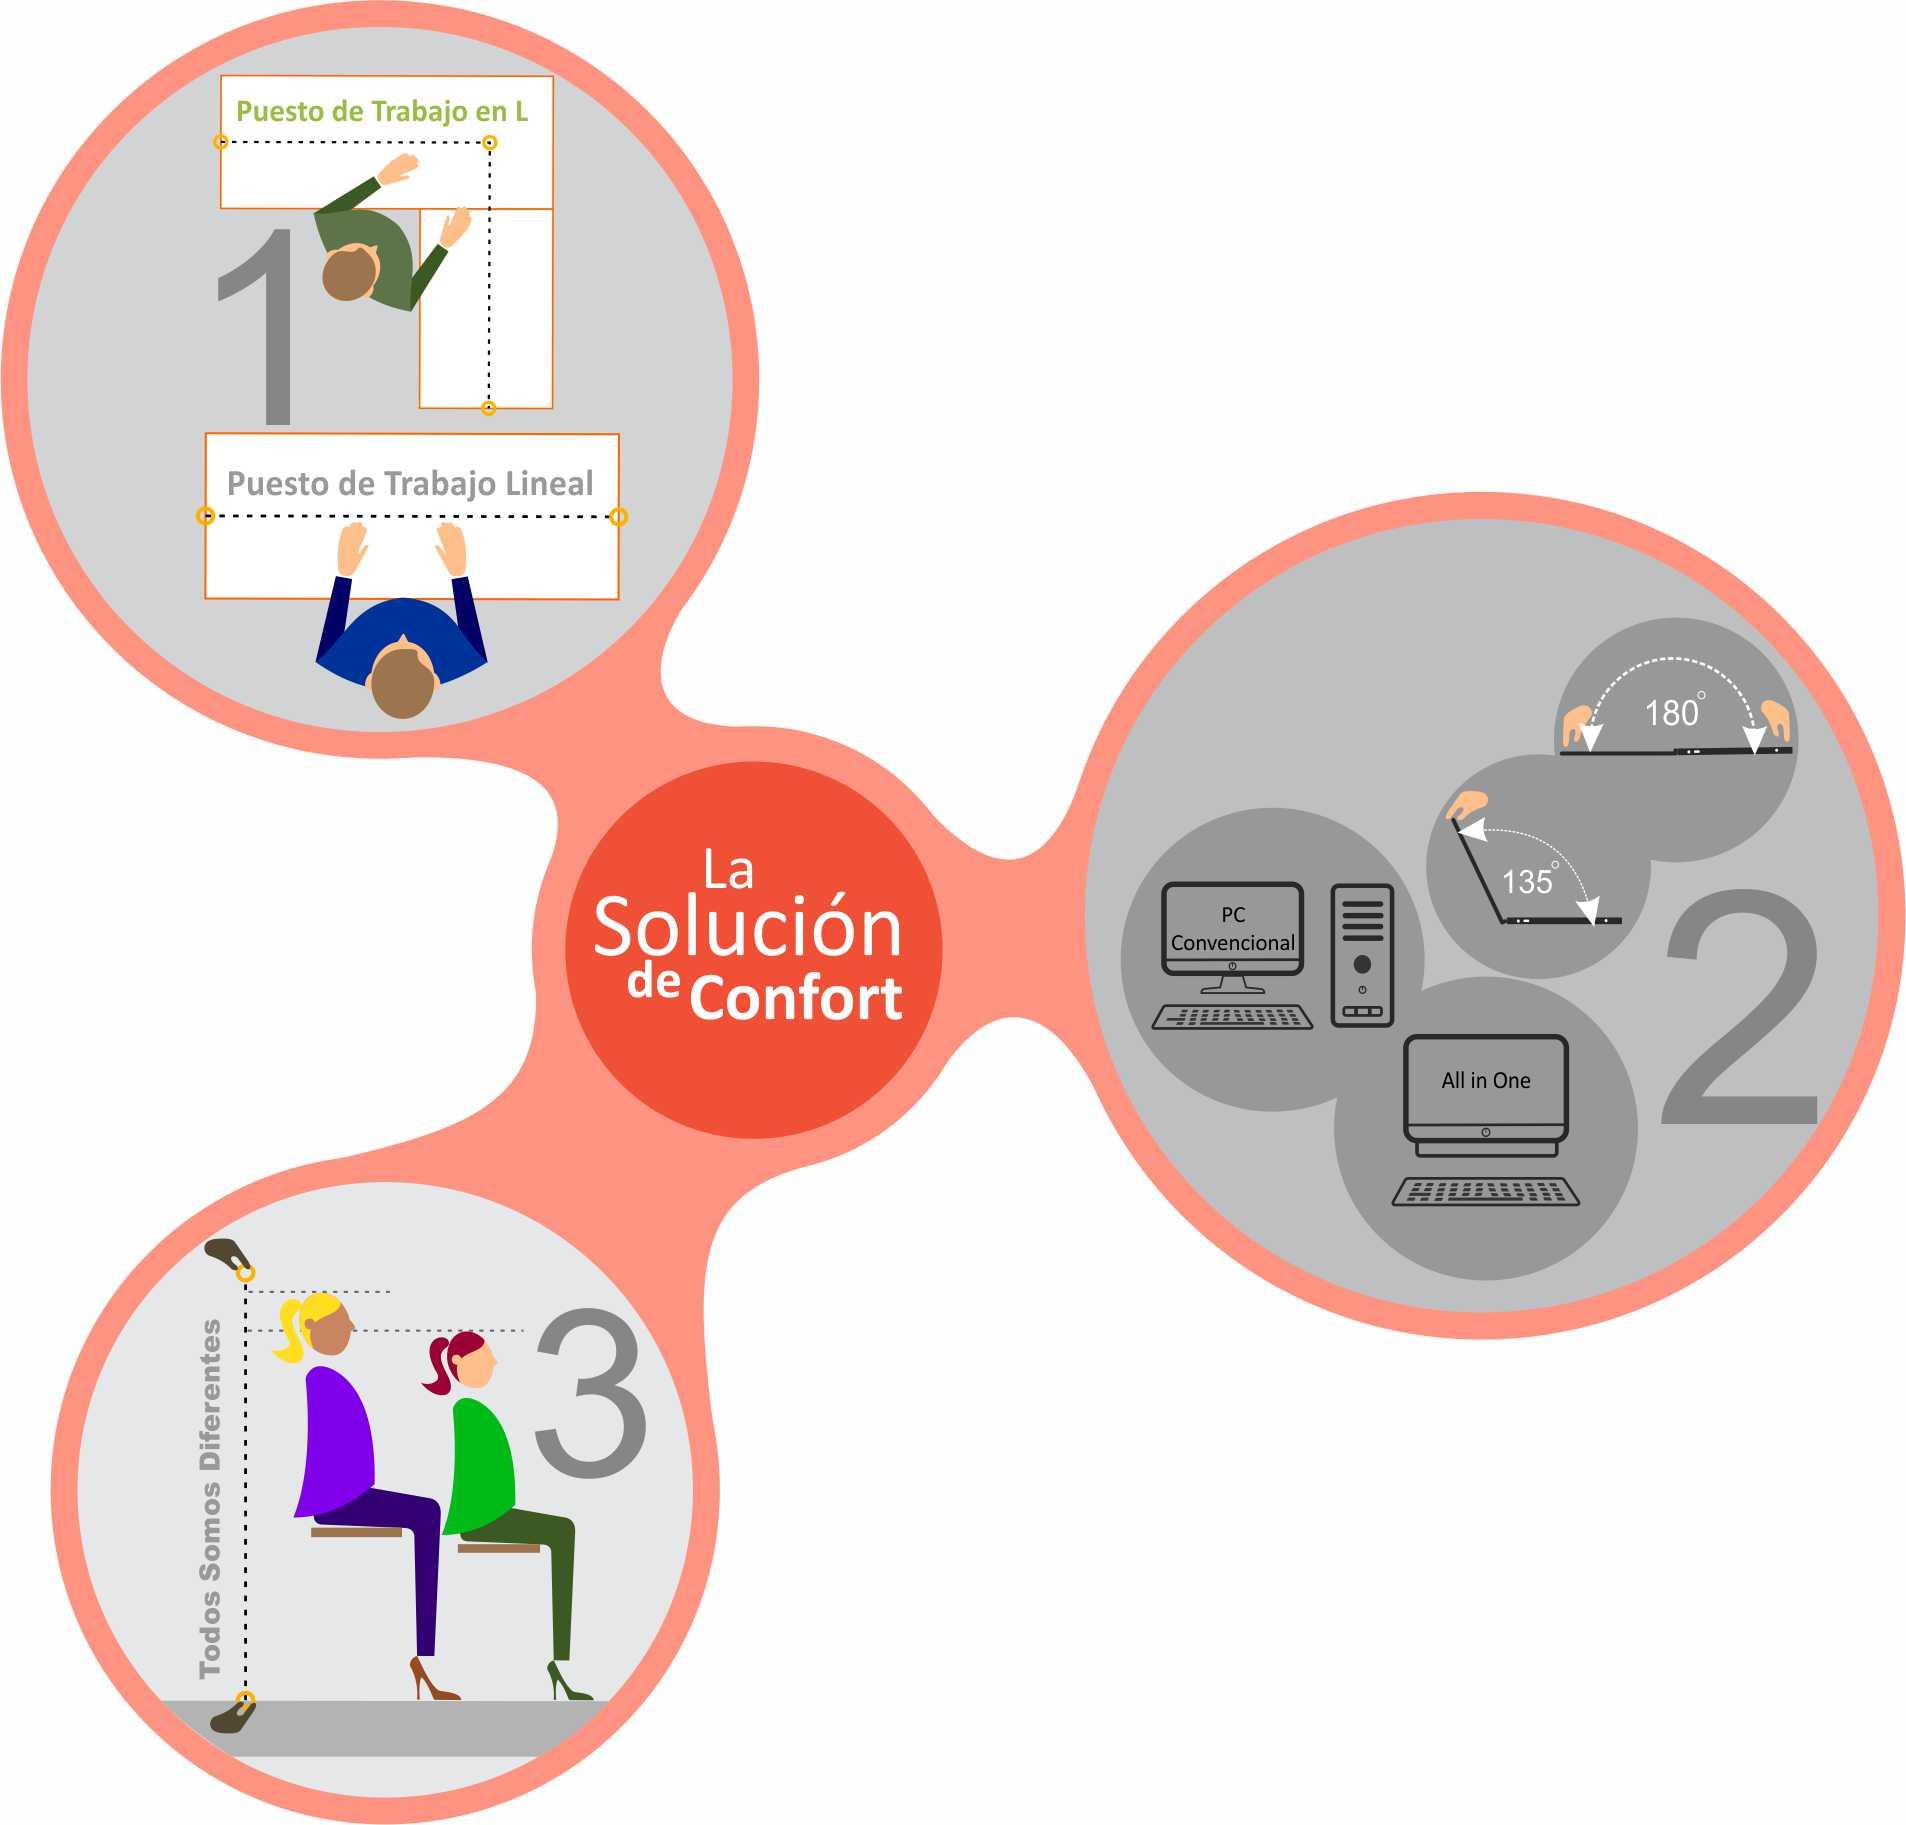 infografia-3-tips-para-elegir-la-solucion-de-confort